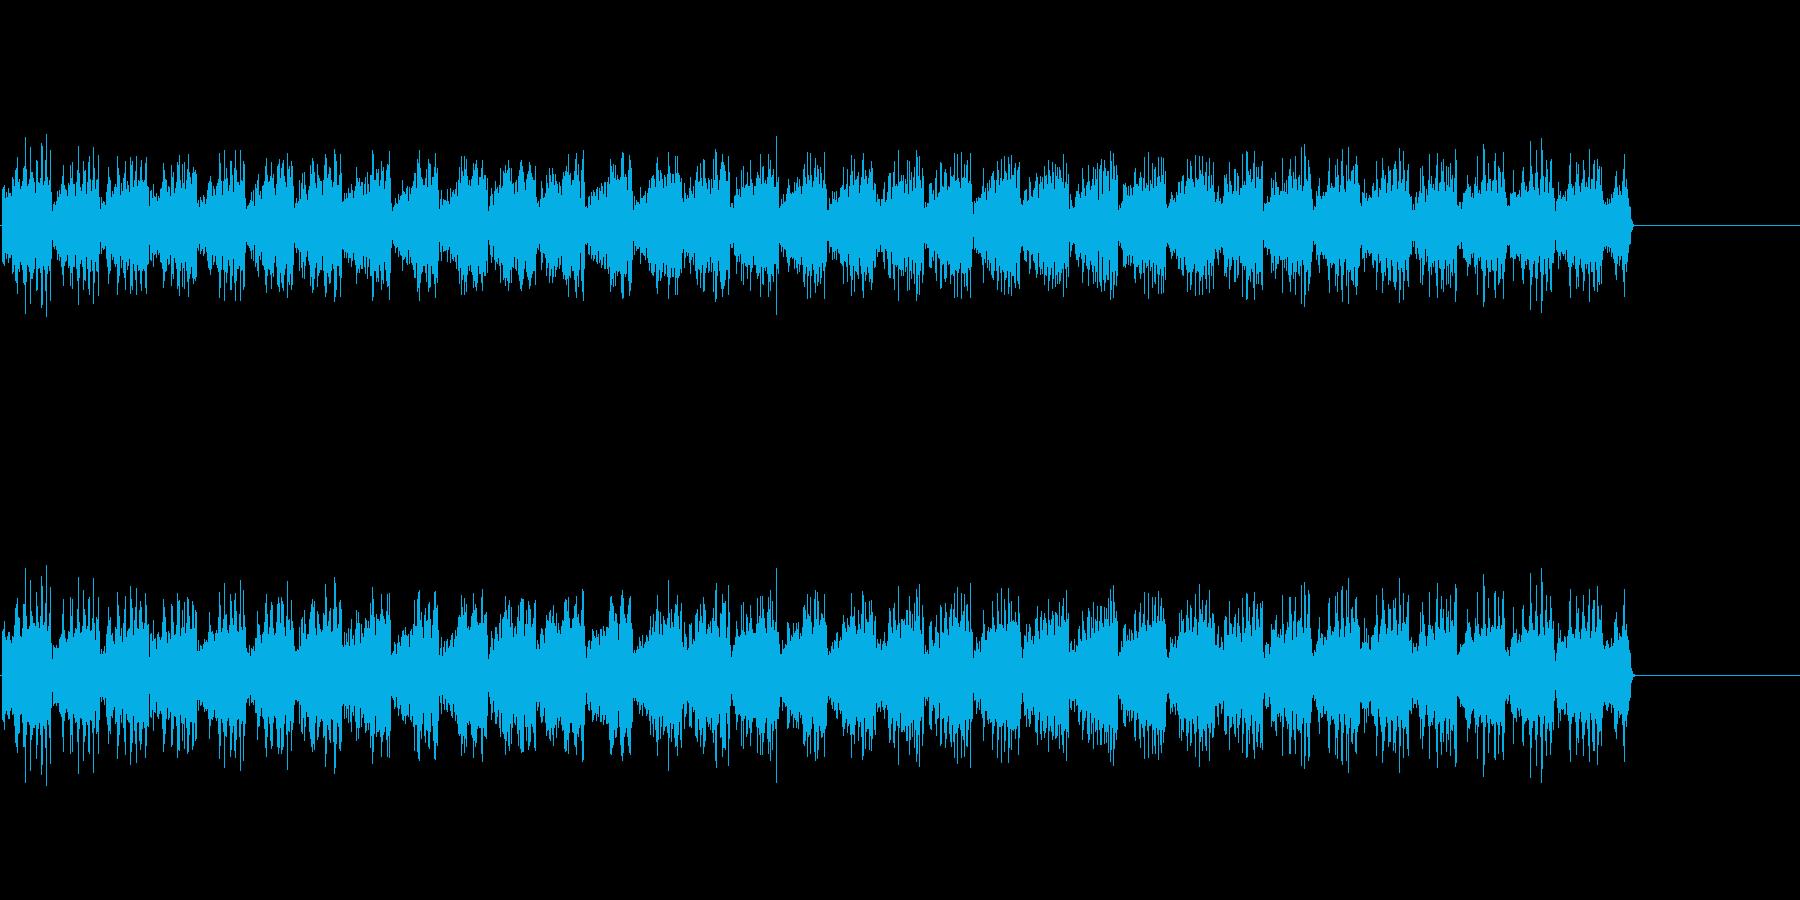 ウー、ウー、ウー(緊急時のサイレン音)の再生済みの波形